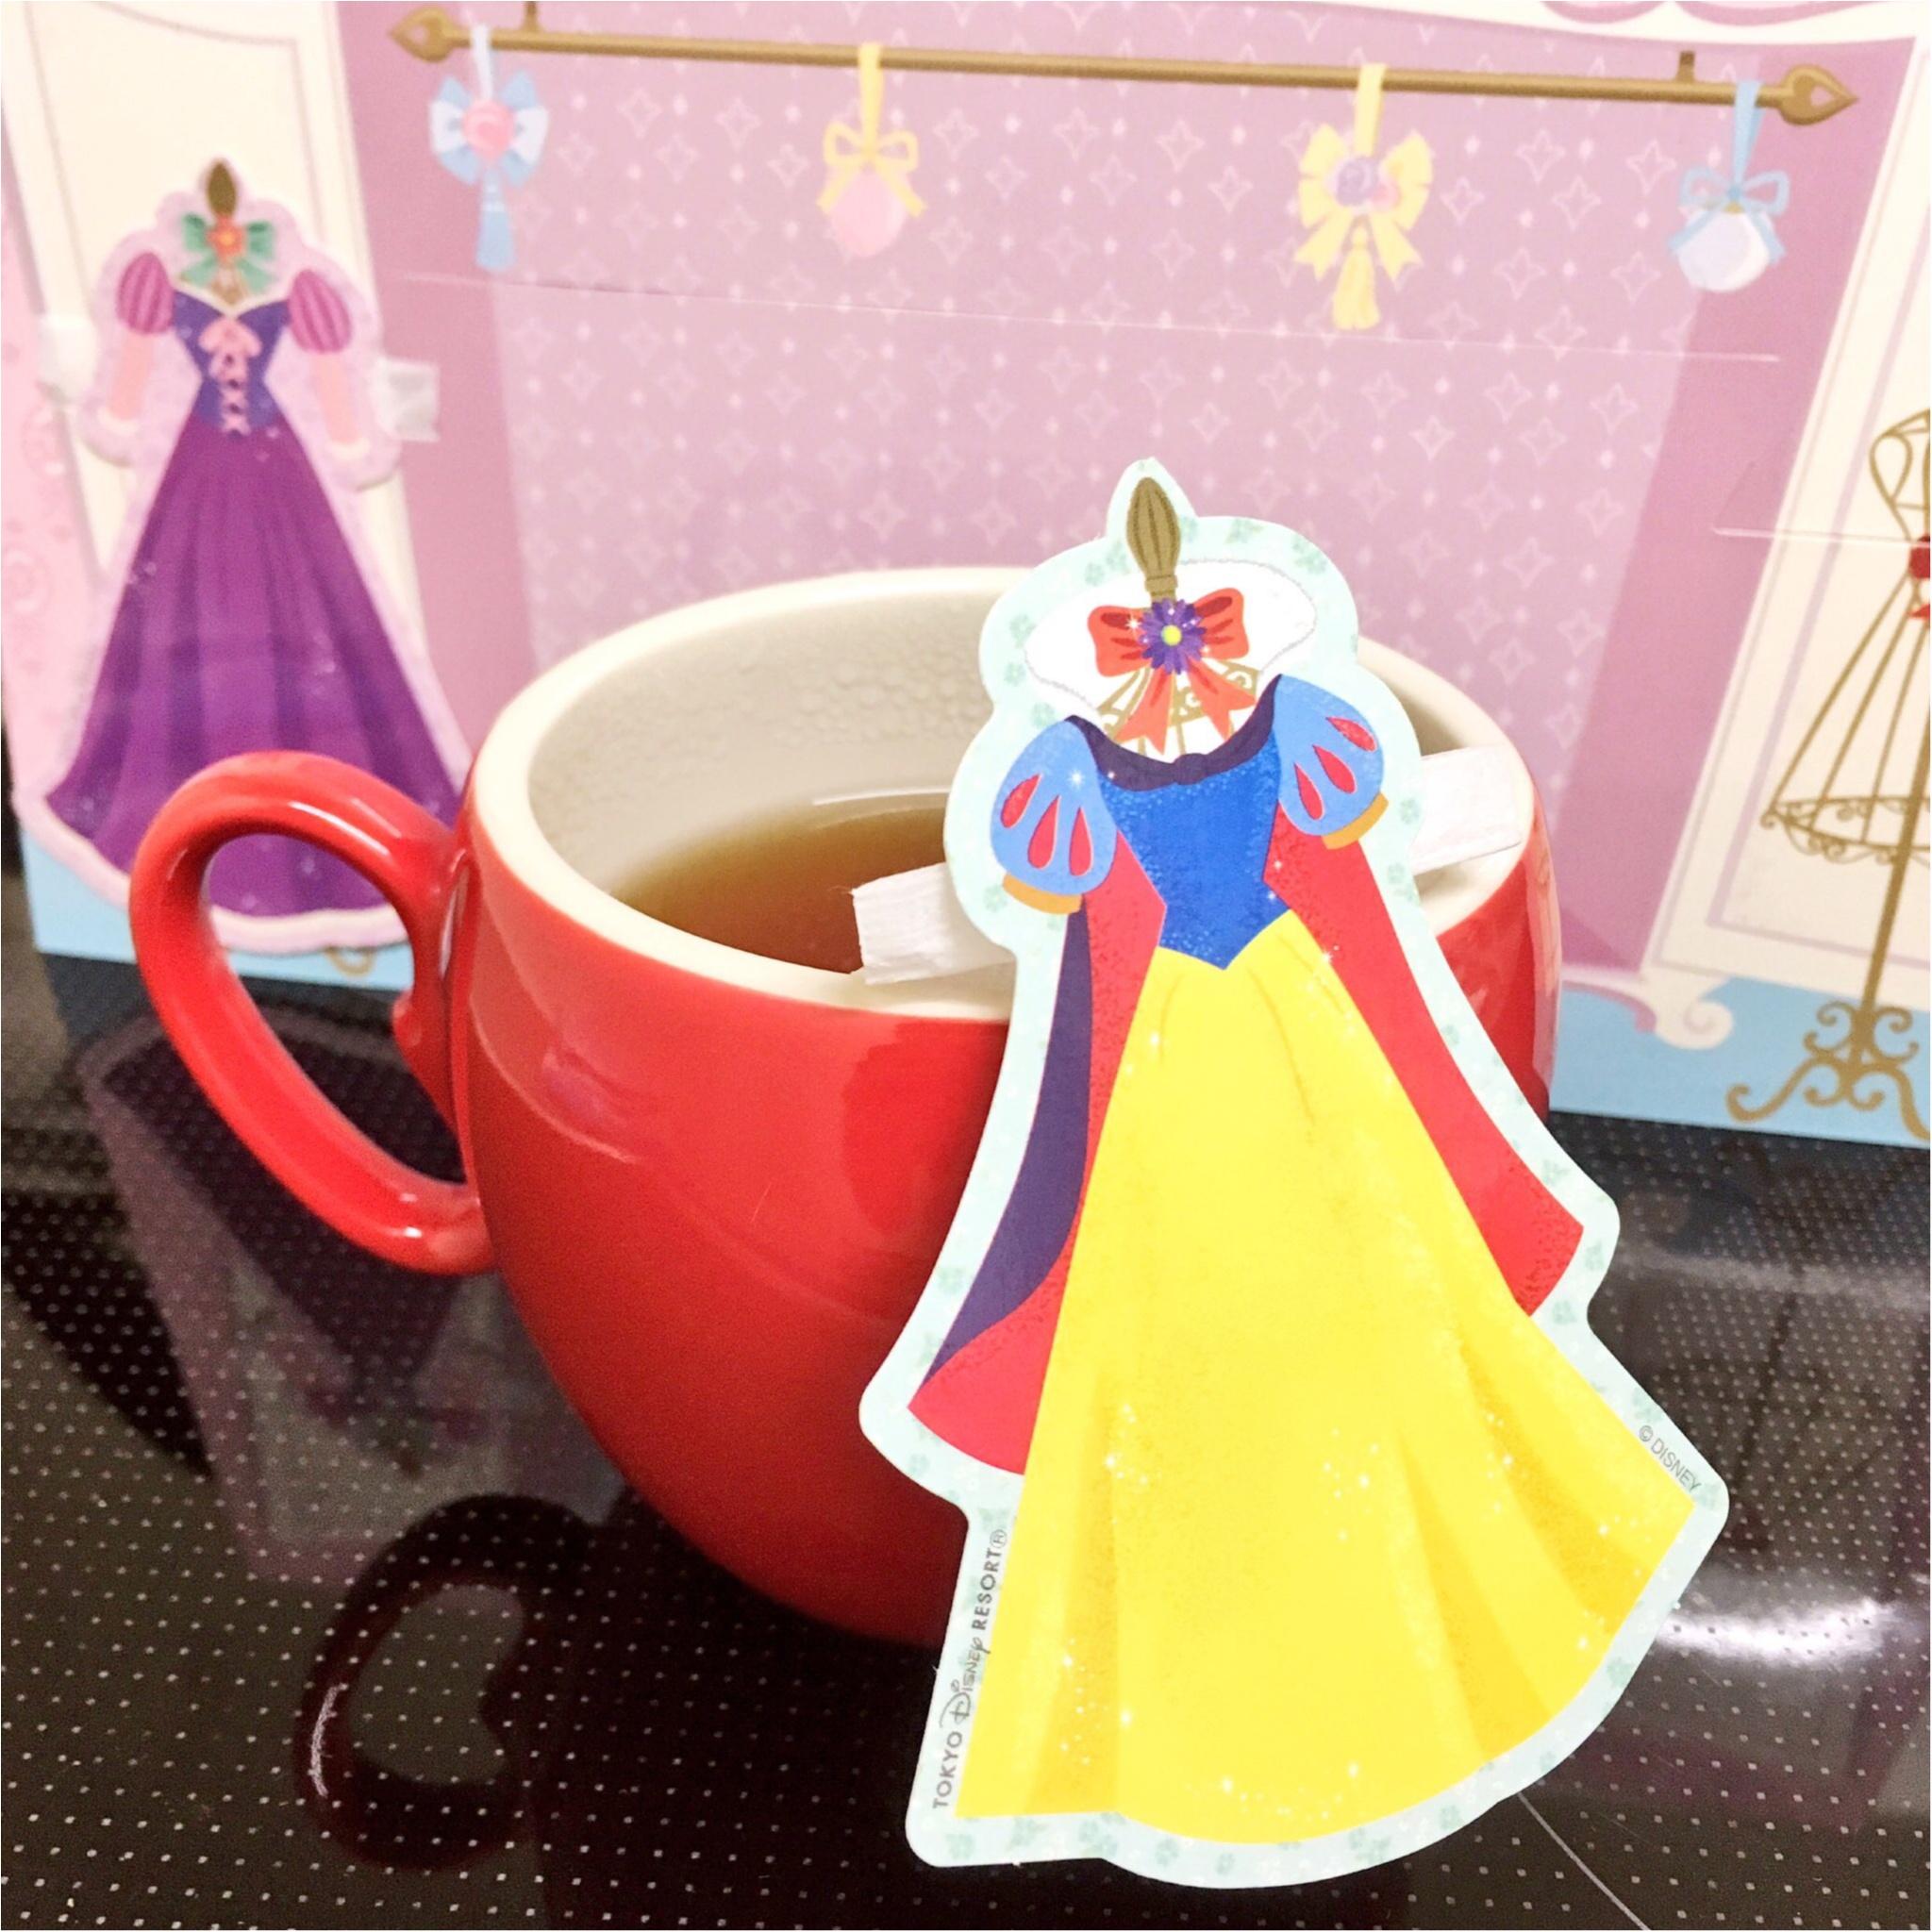 ディズニープリンセスのティーバッグが神♡かわいい(*°○°*)!_3